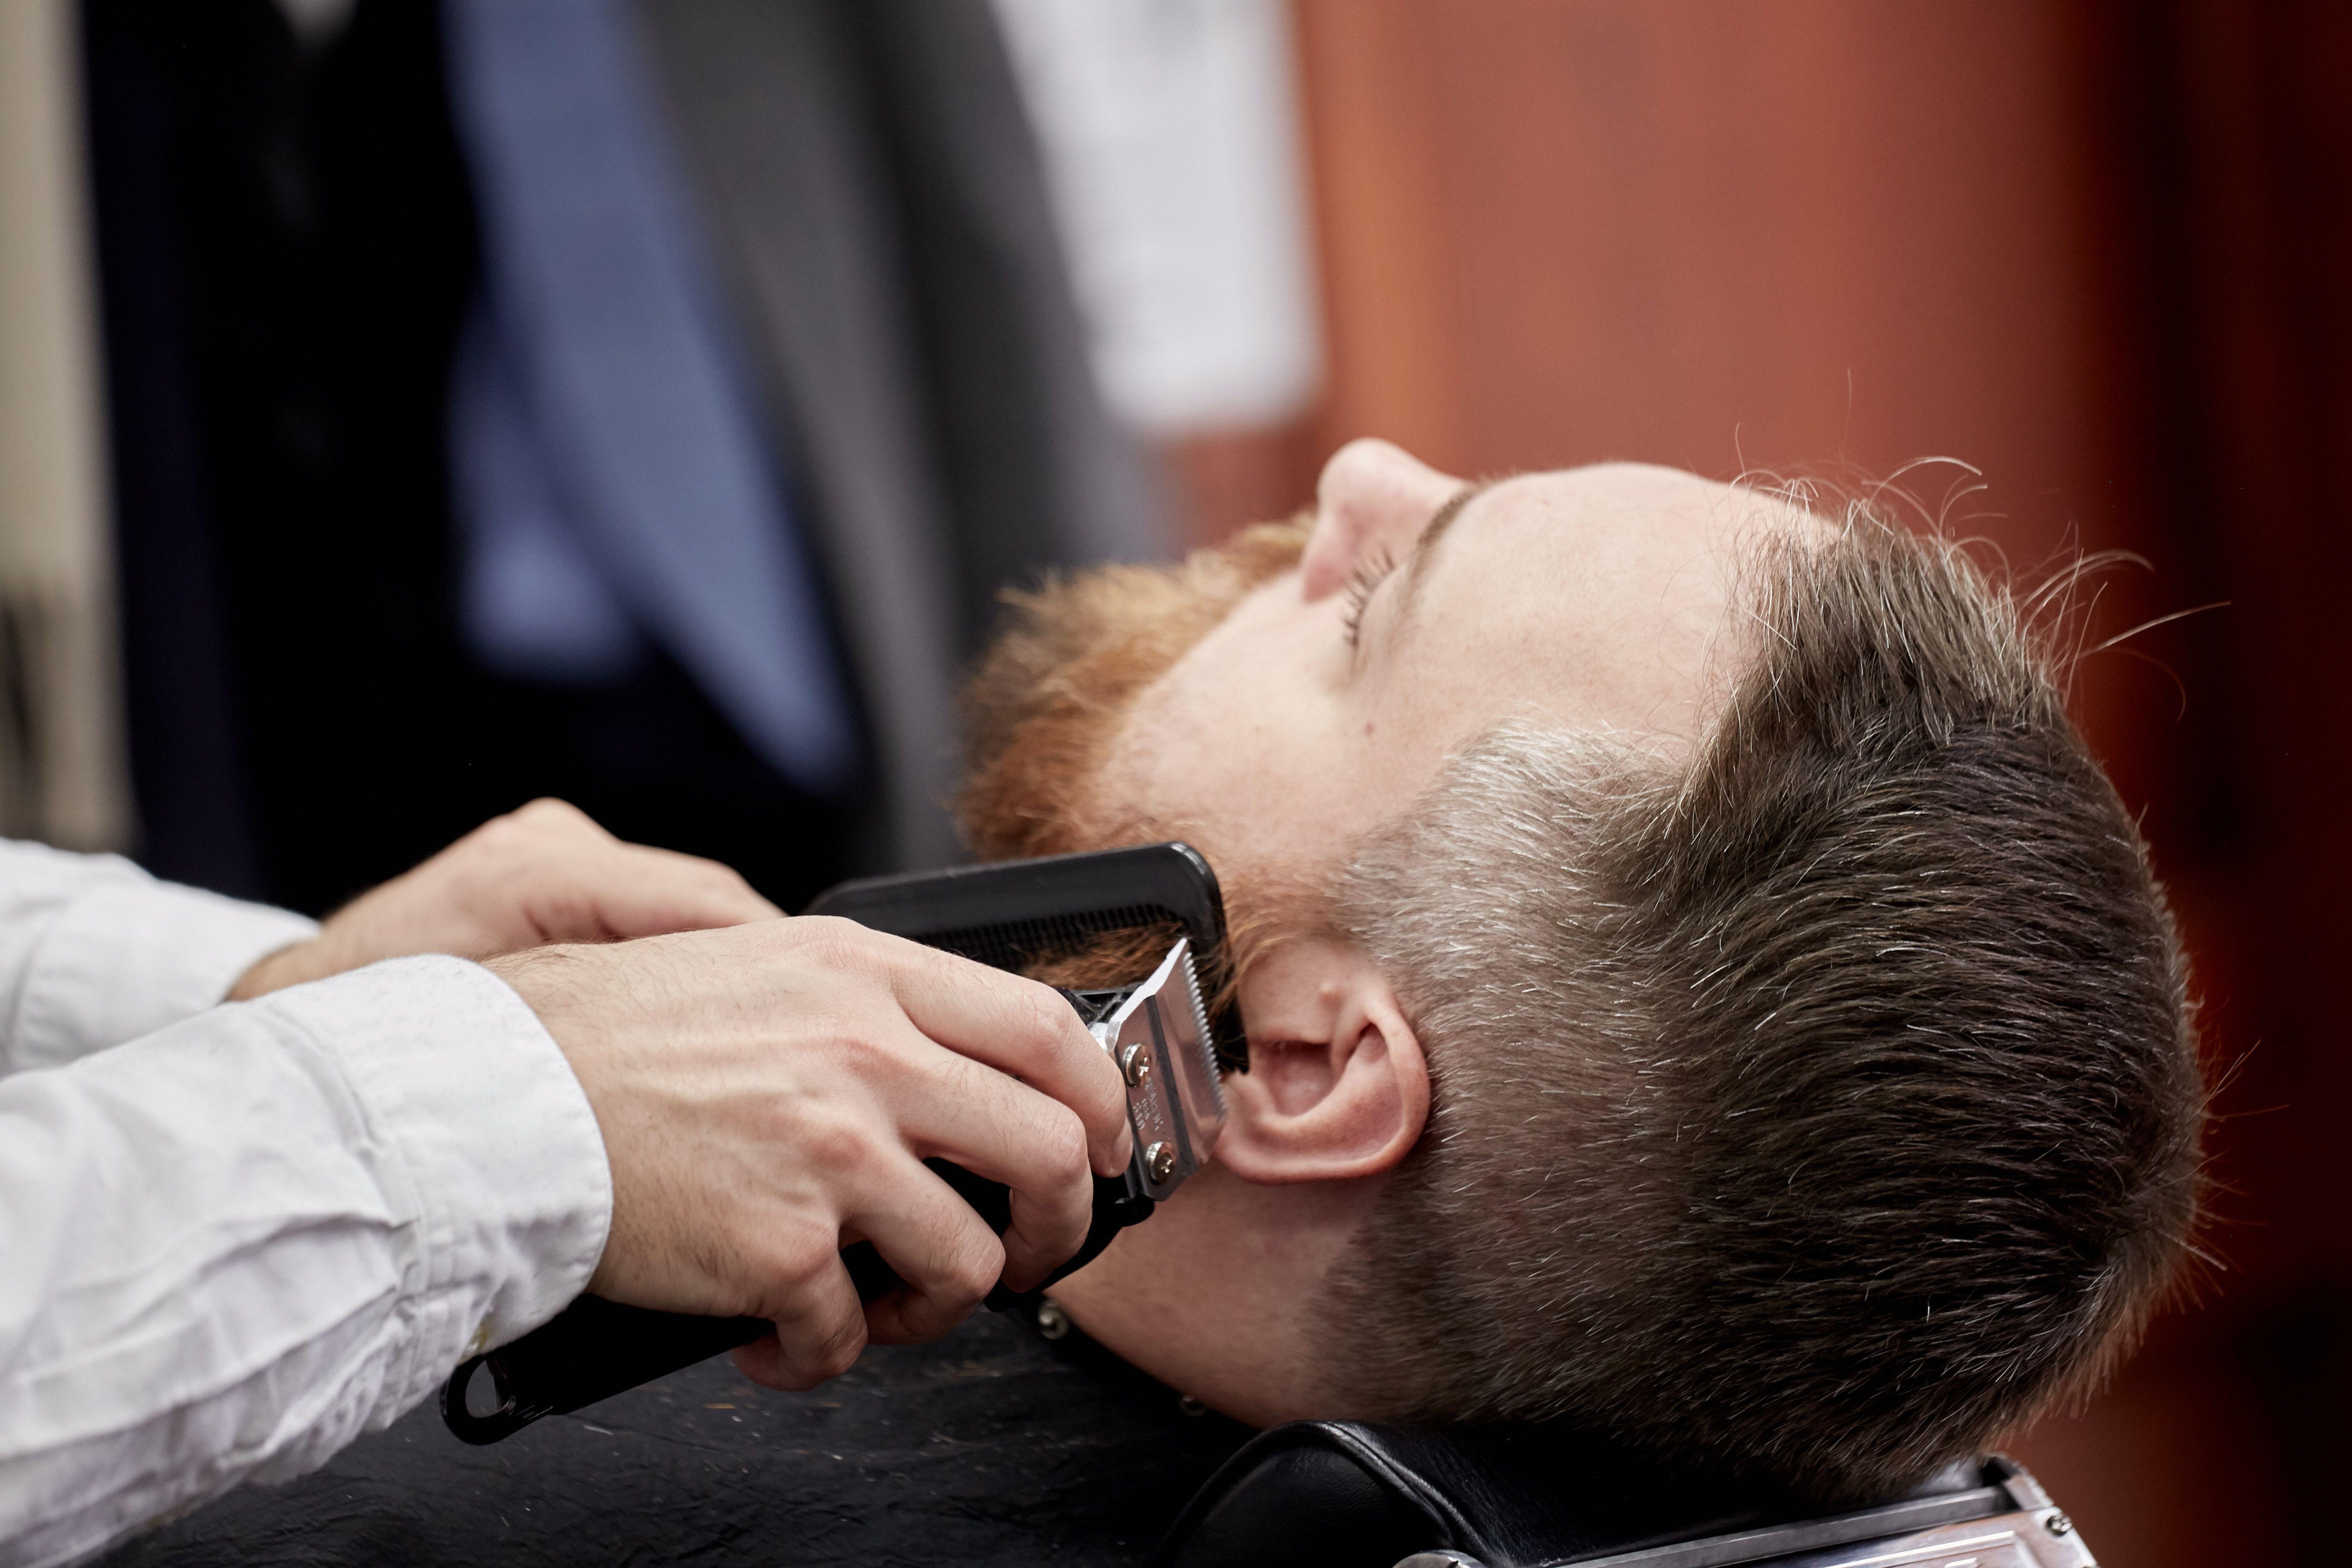 Barber Shop Nyc Best Barbers Nyc Nyc Best Barbers Midtown Rockefeller Barbers Near Me In 2020 Best Barber Best Barber Shop Barber Shop Haircuts